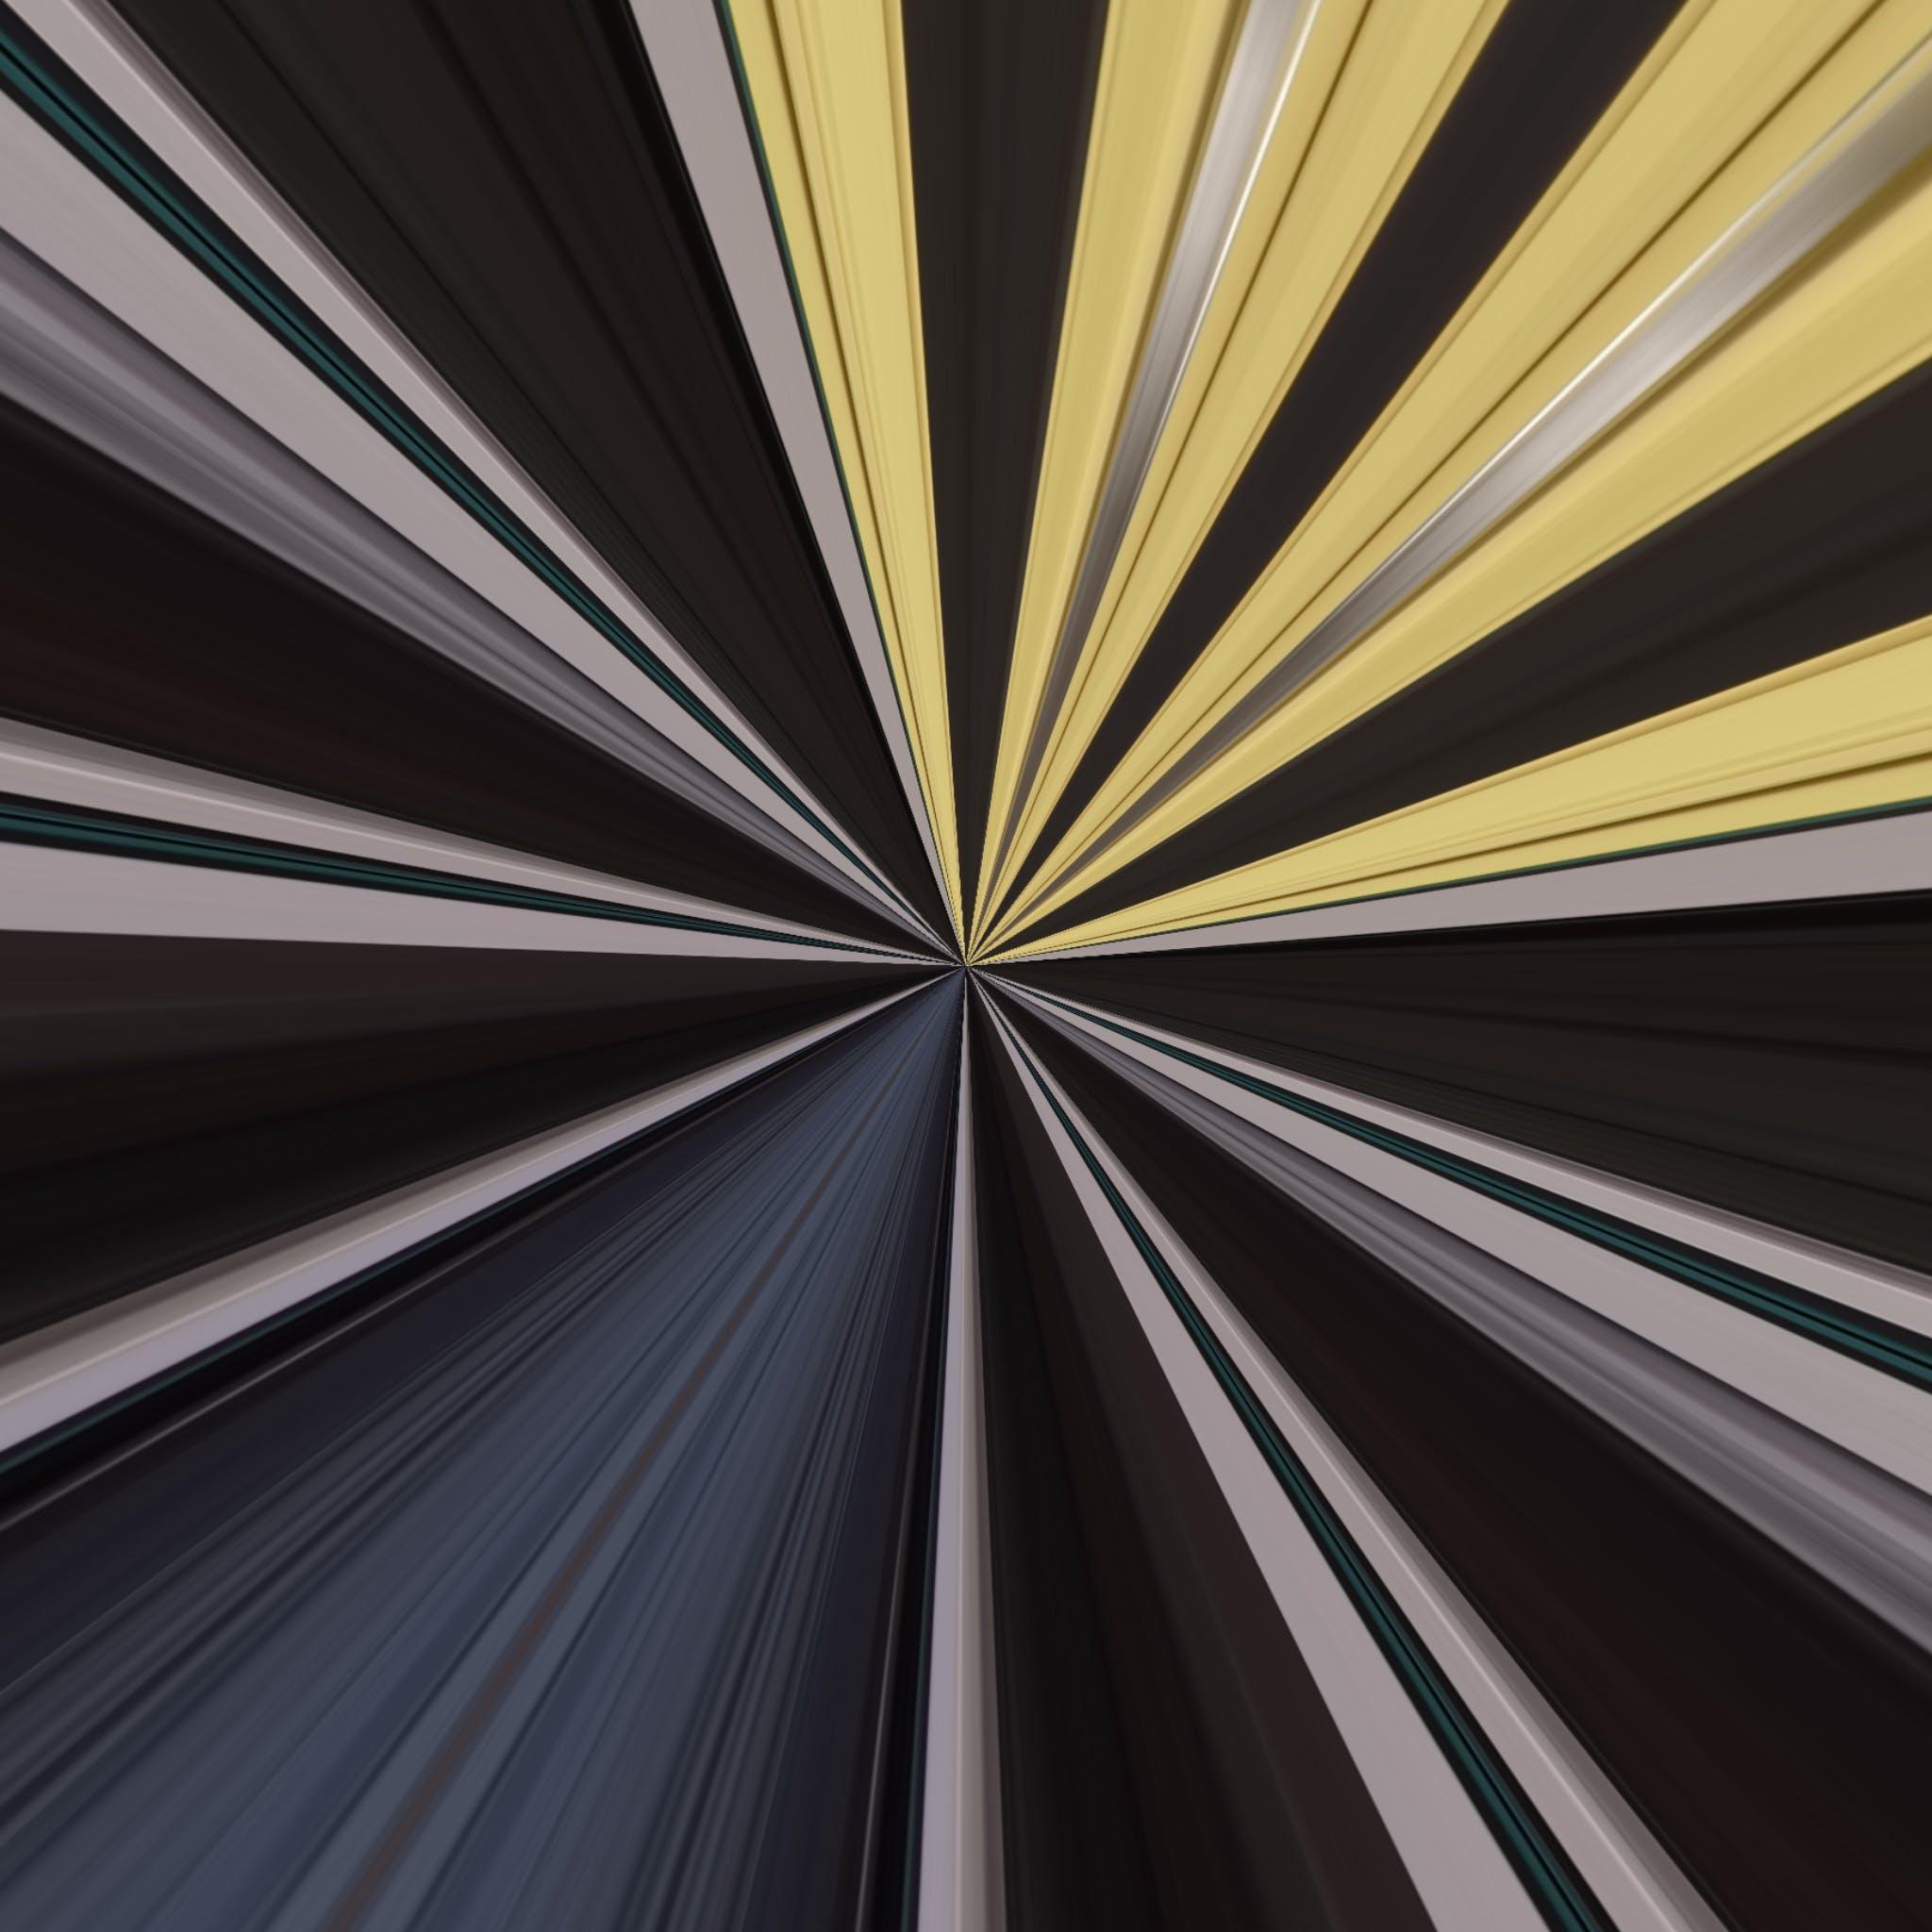 Kostenloses Stock Foto zu abbildung, abstraktes gemälde, blau, bunt